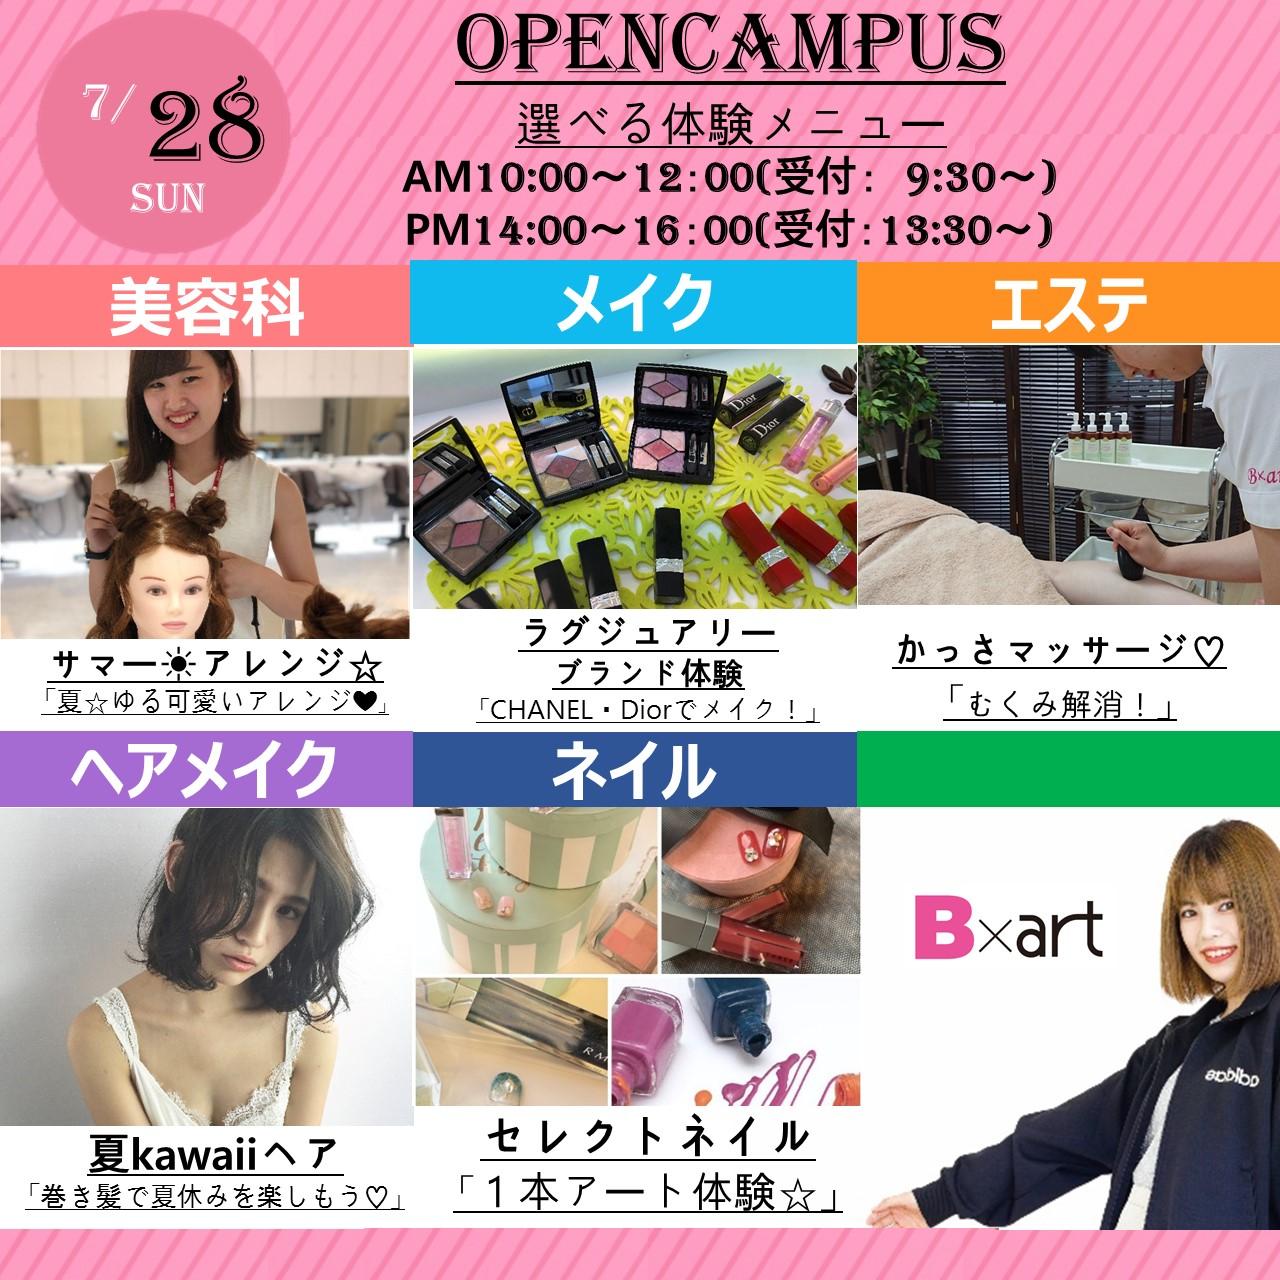 7月28日イベカレ用PPT フォーマット - 横VER.jpg